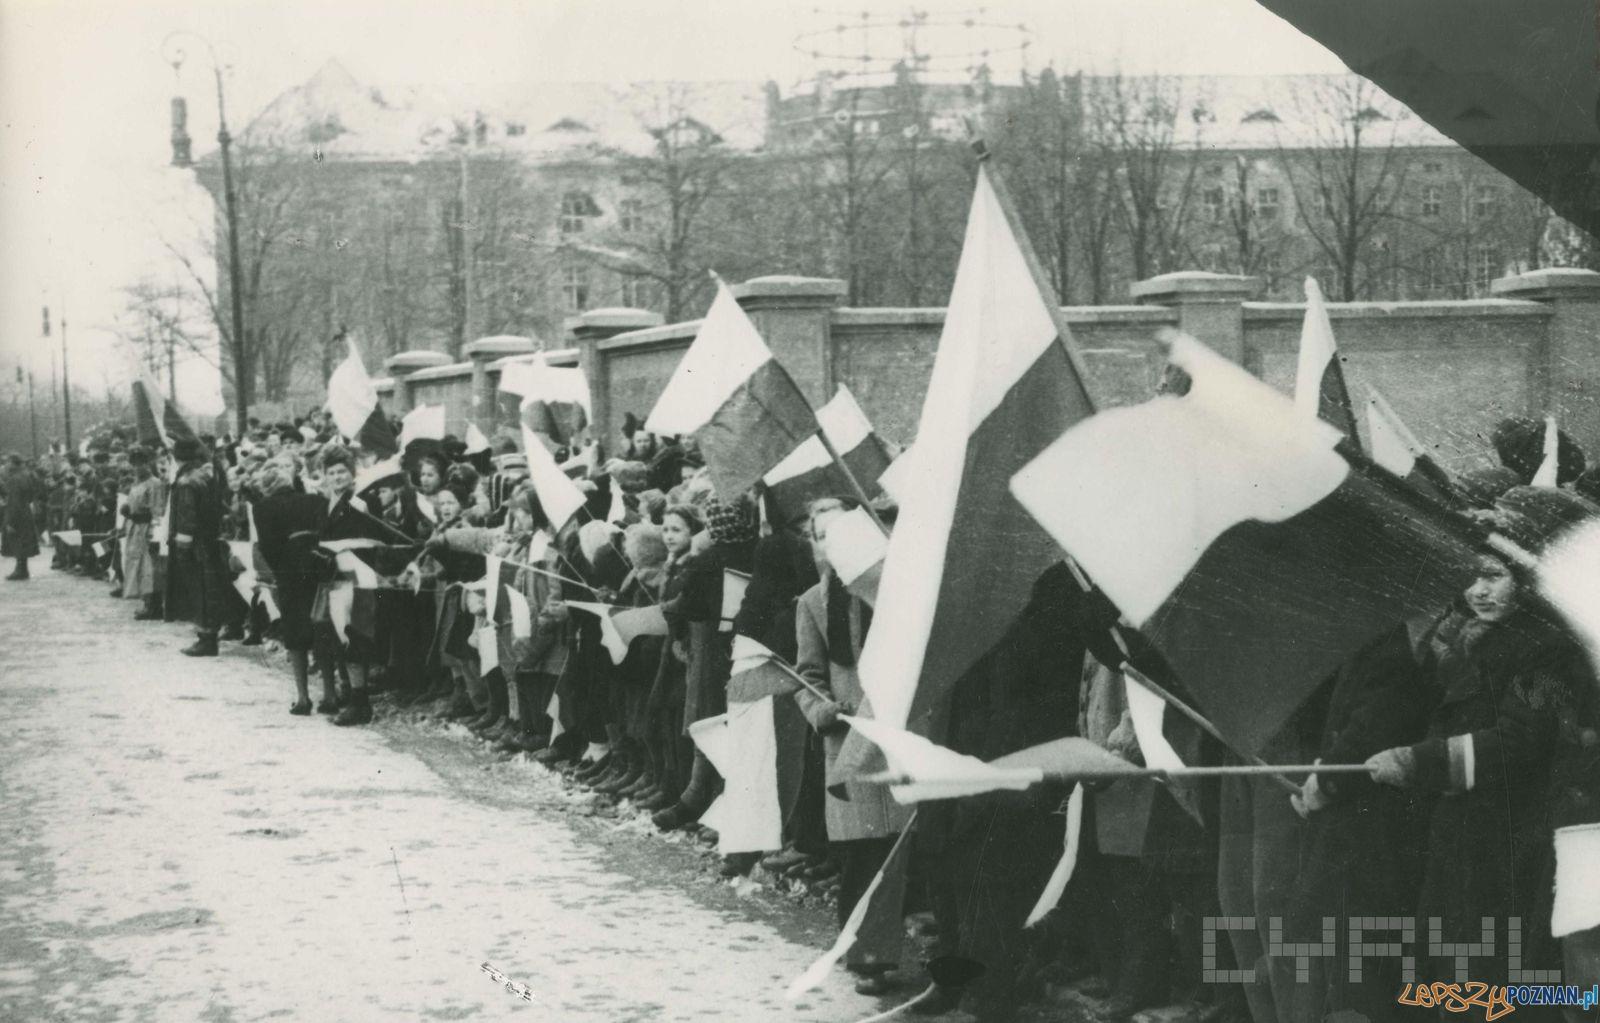 Poznaniacy podczas defilady na Walach Leszczyńskiego (dziś Al. Niepodległości) -  8.03.1945  Foto: Zbigniew Zielonacki / Cyryl